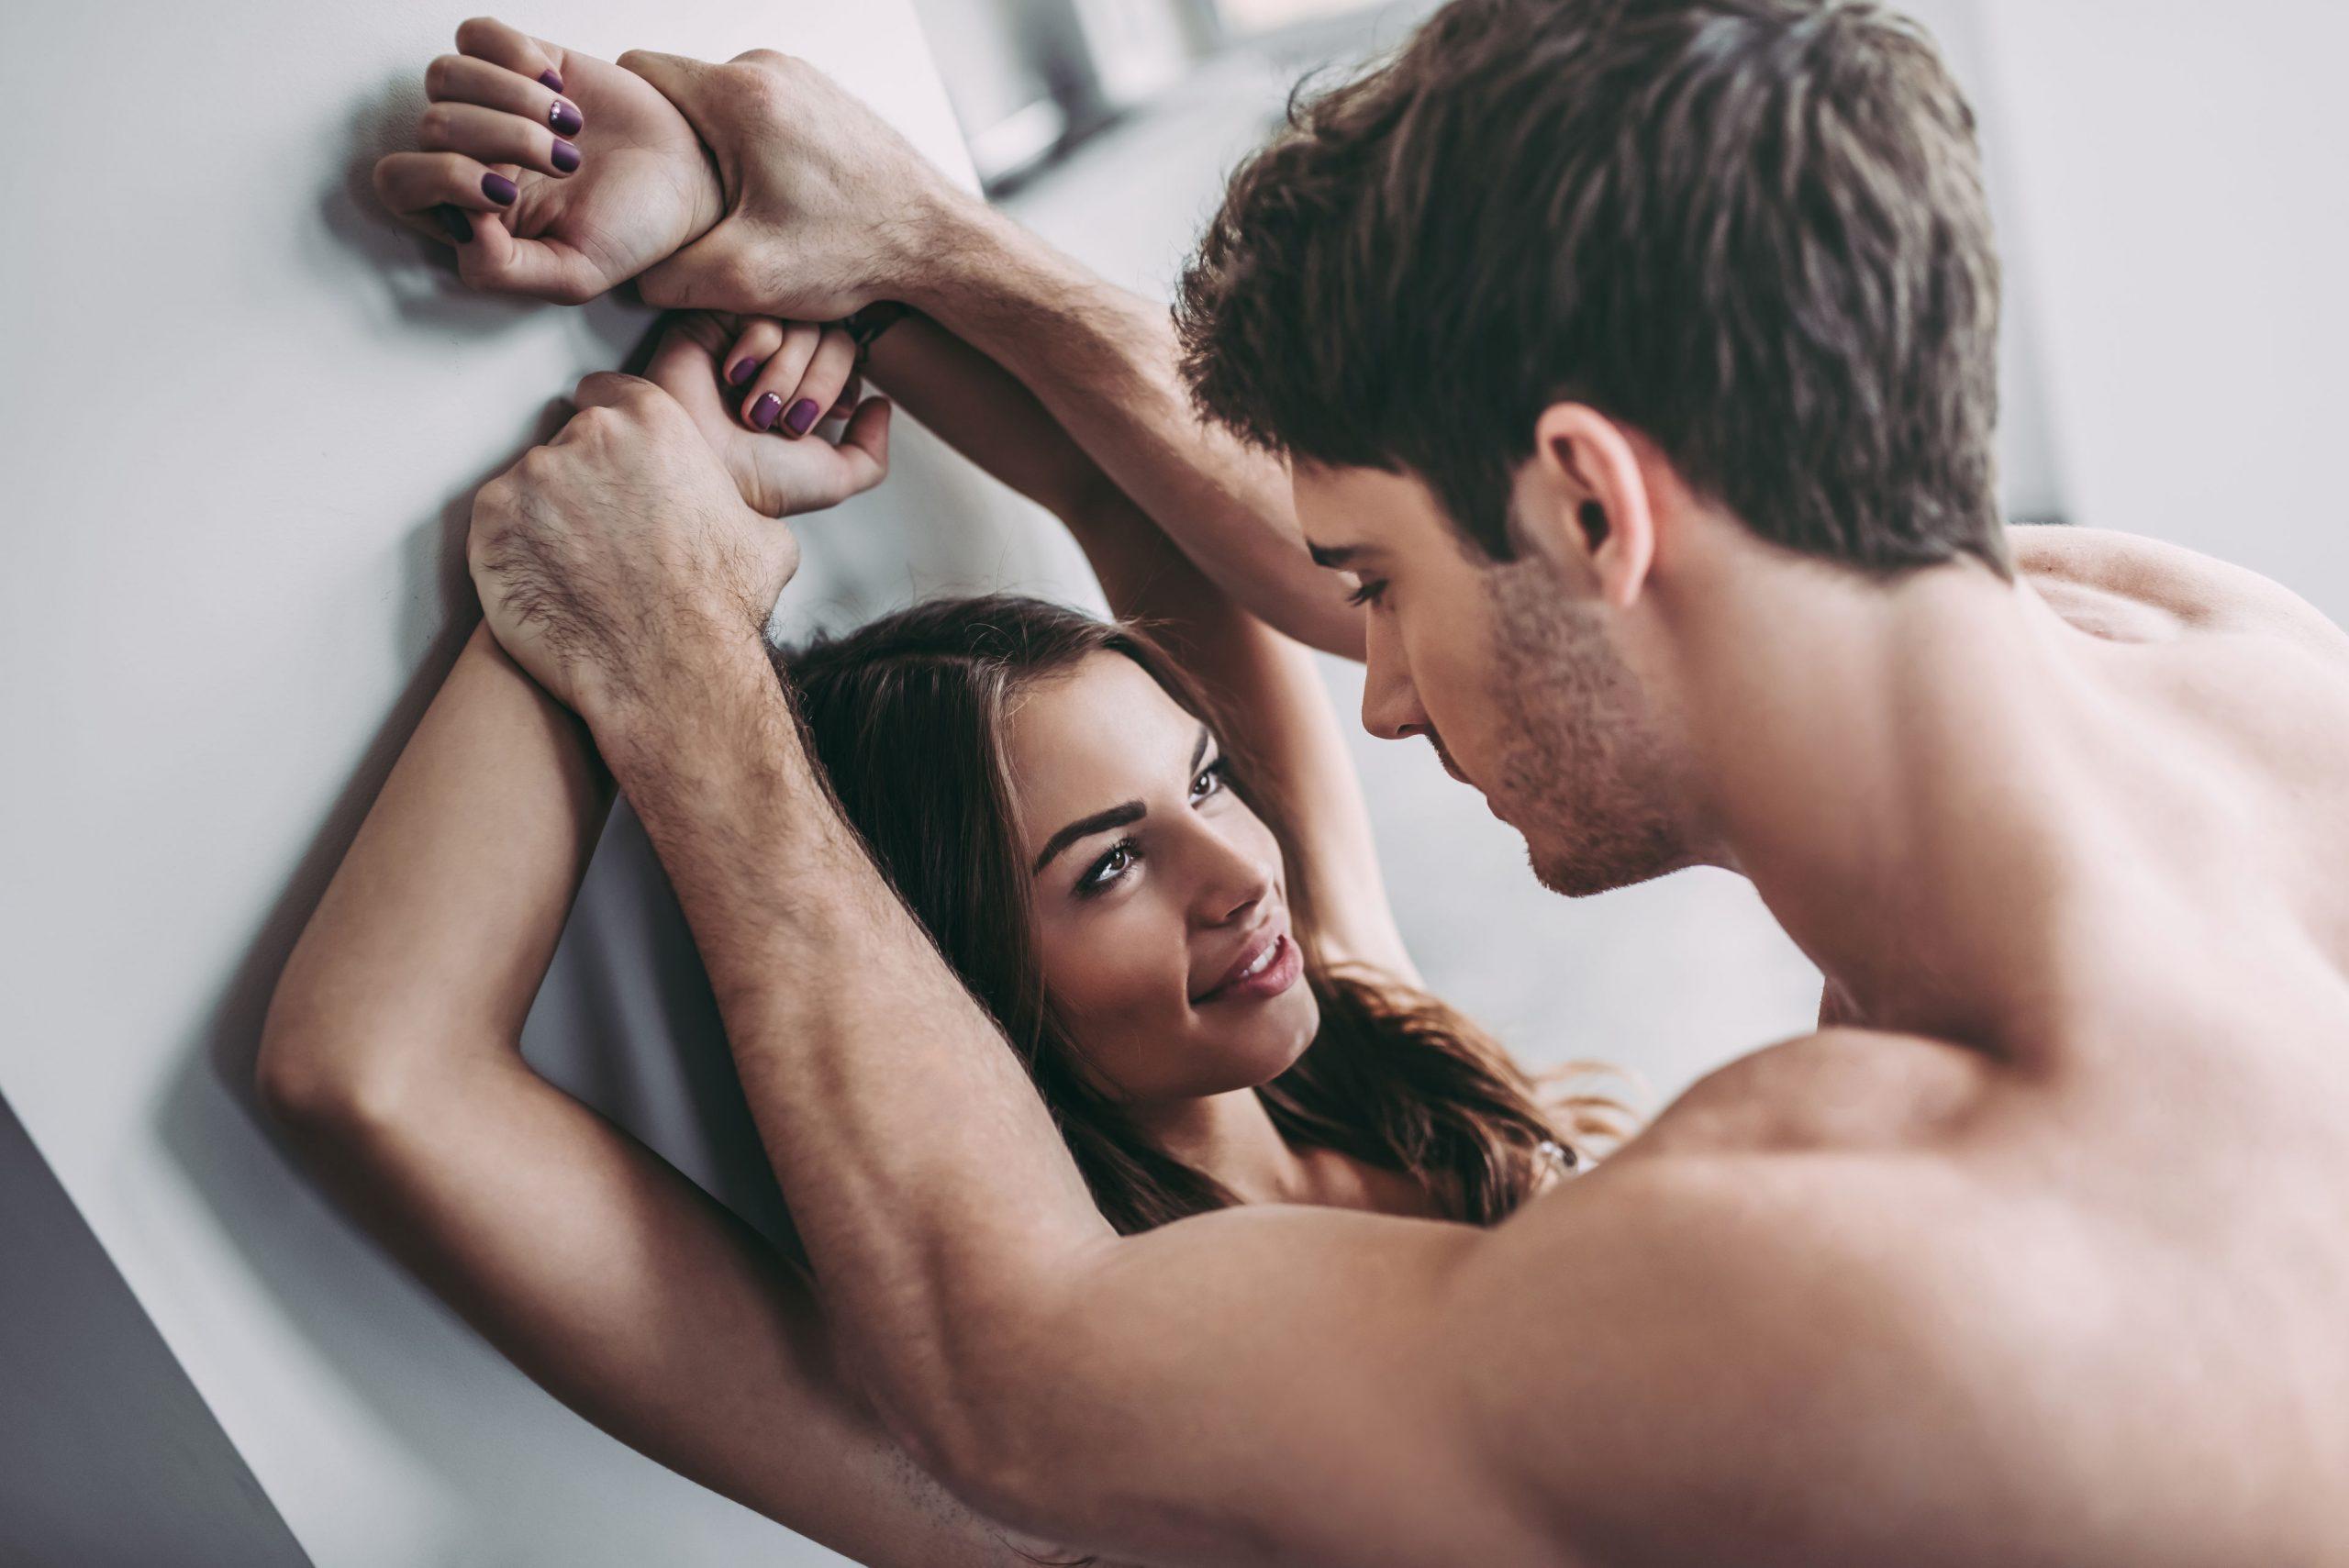 кино с самым жестким анальным сексом что вы видели